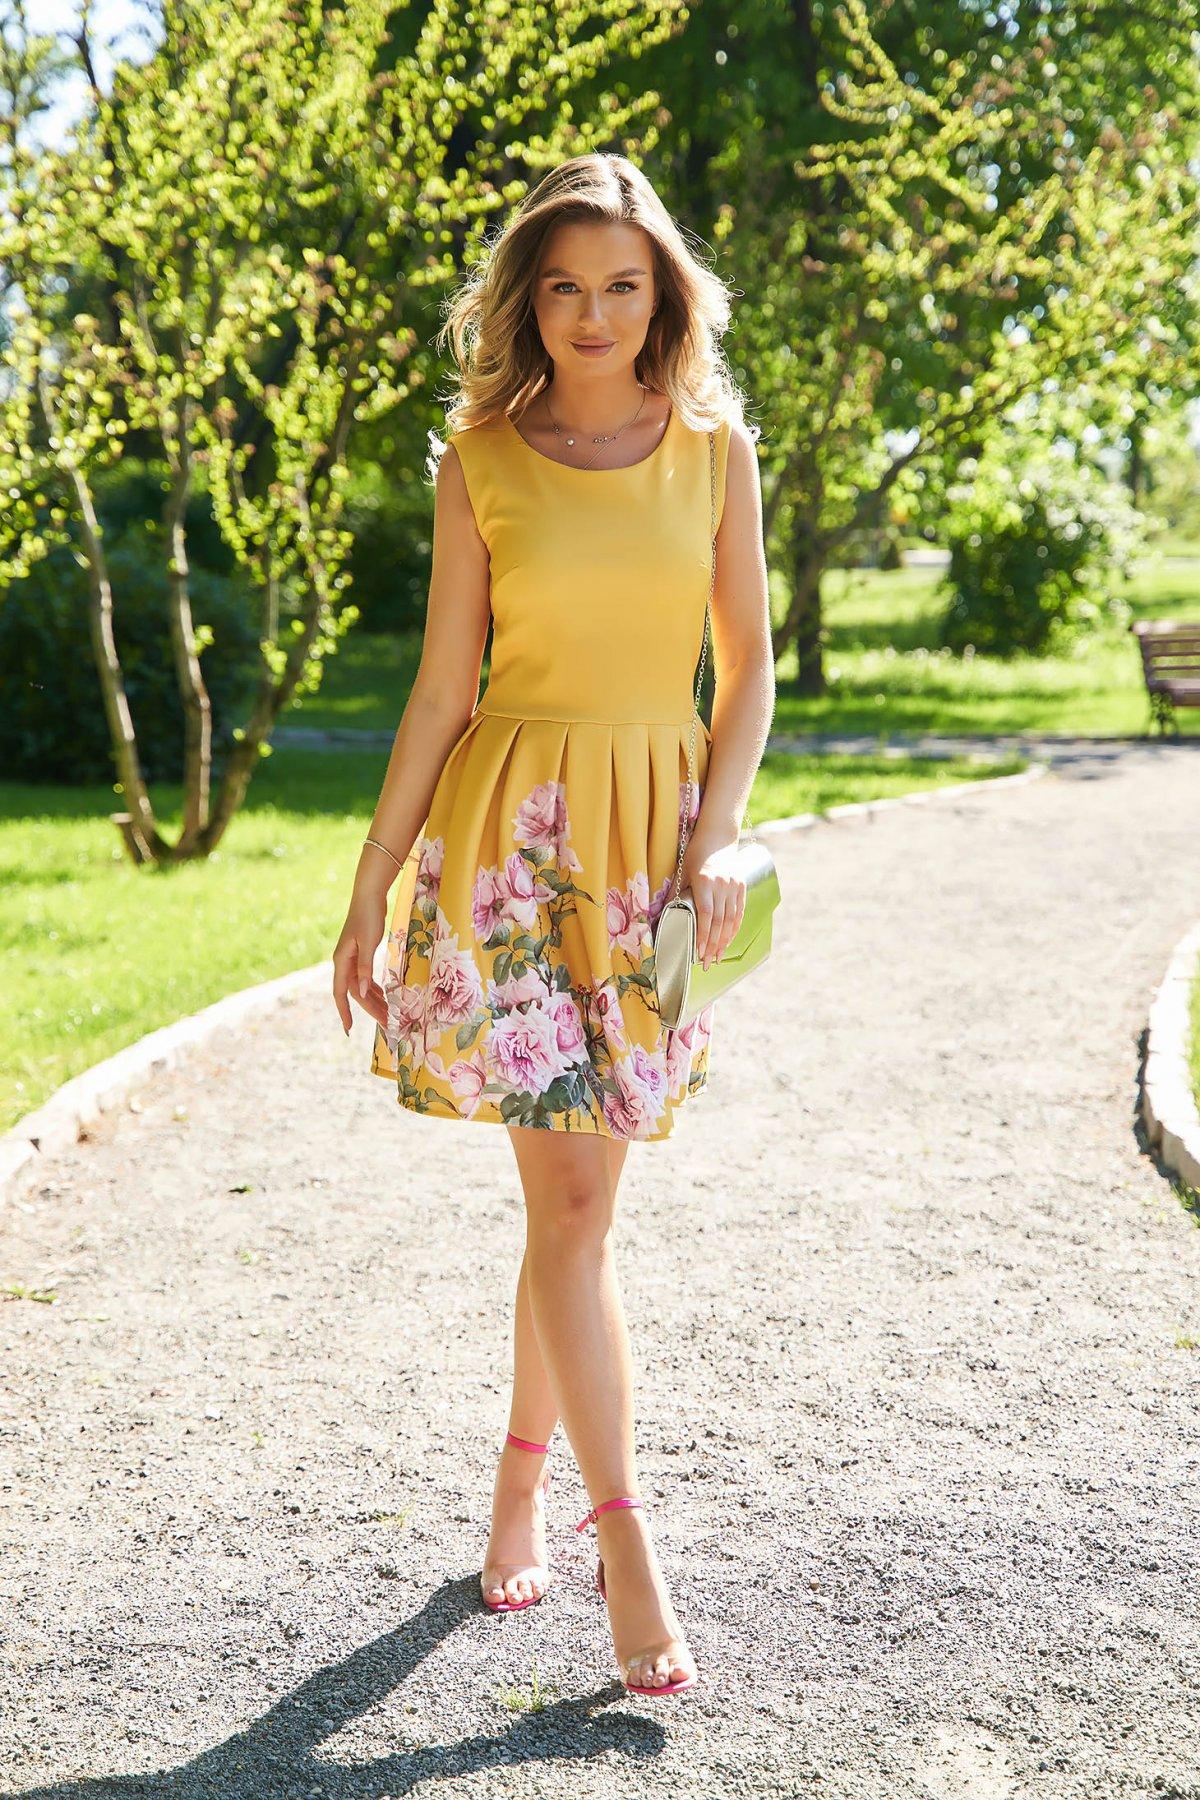 Rochie SunShine galbena cu imprimeu floral scurta in clos din material usor elastic - medelin.ro